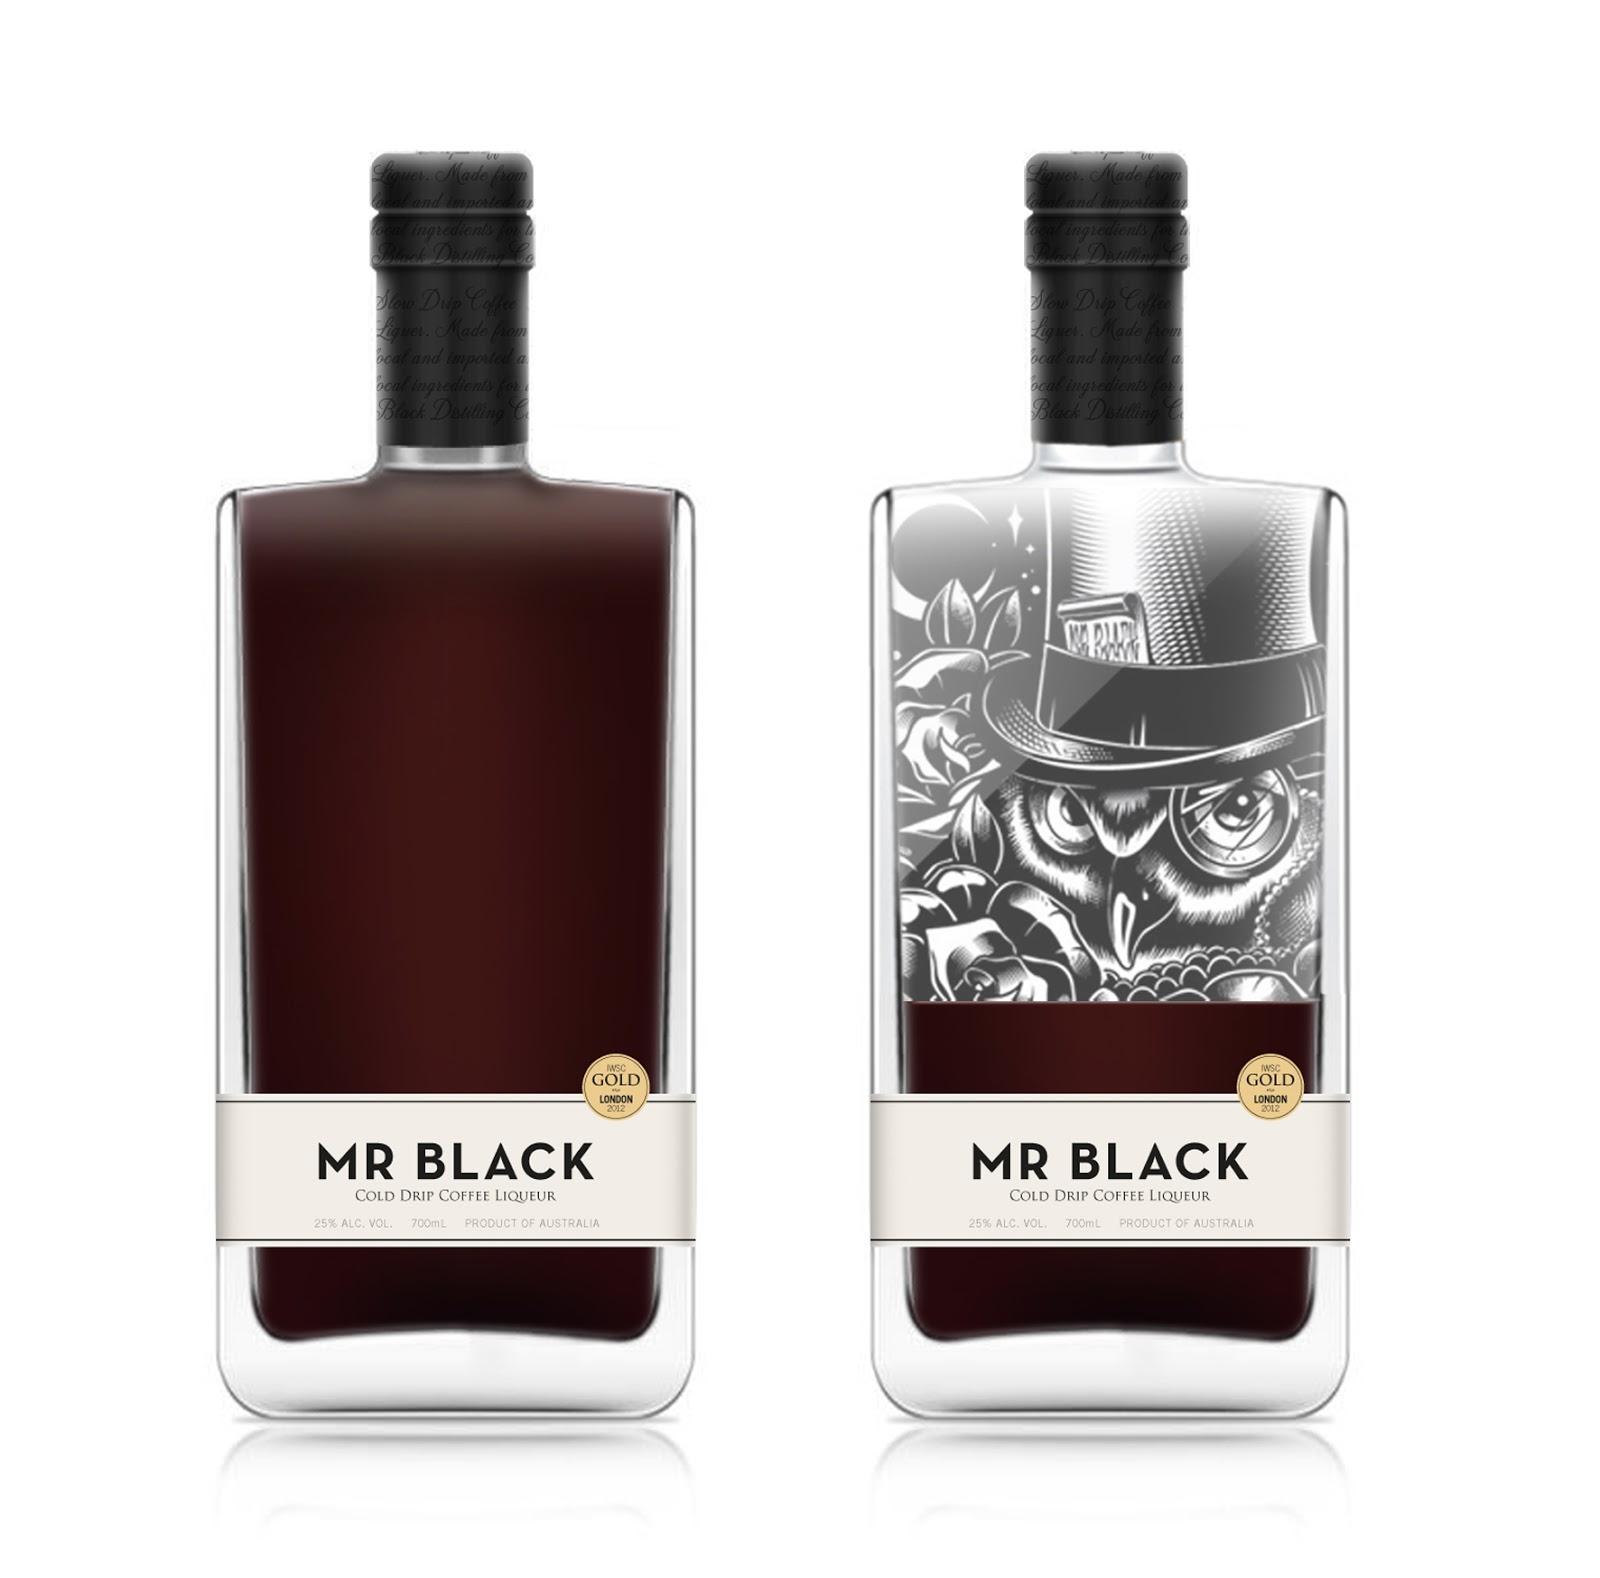 Mr black 60 fps images 53